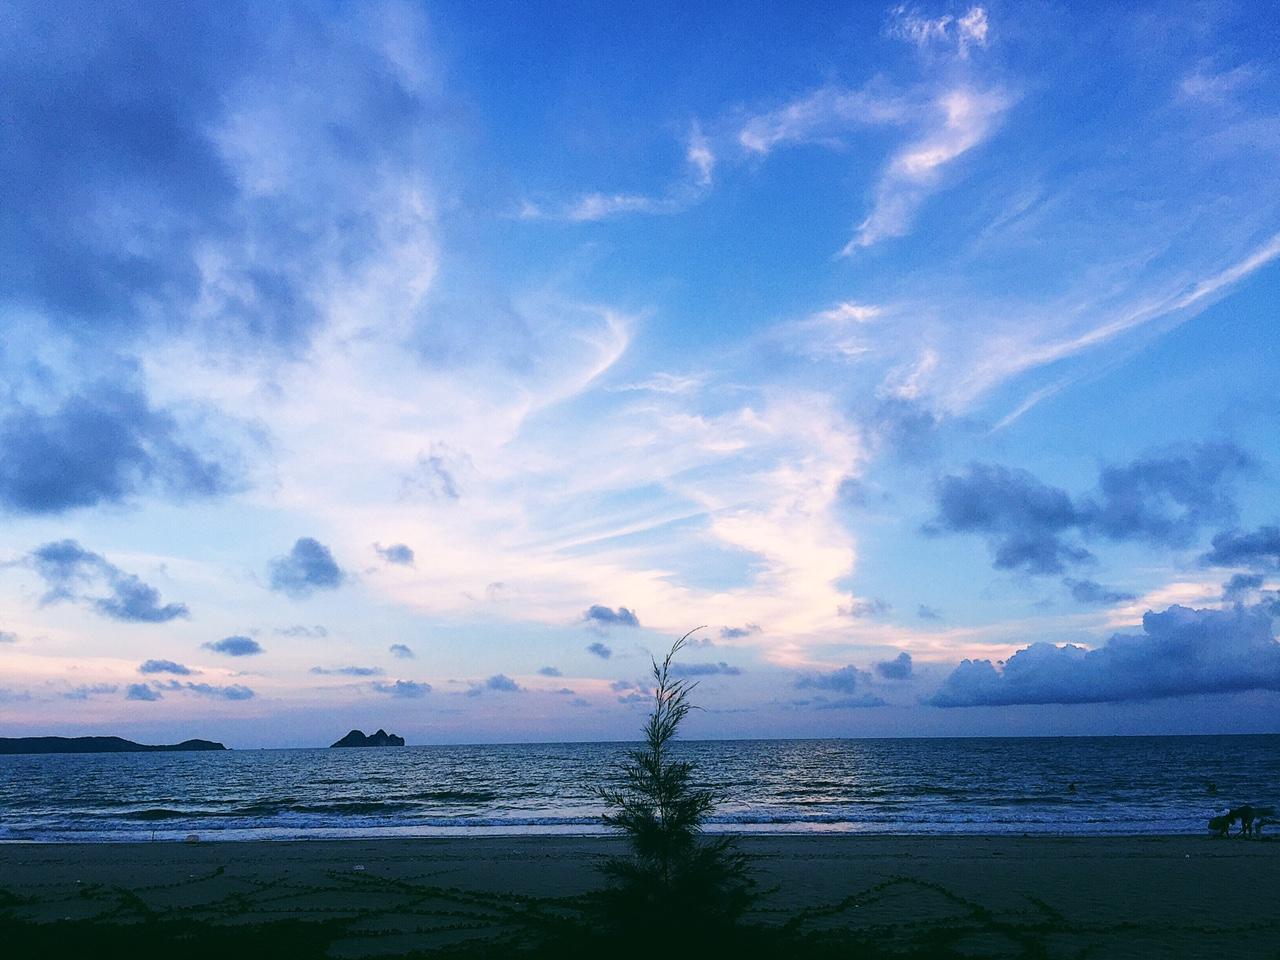 Khung cảnh bãi biển trên đảo Ngọc Vừng